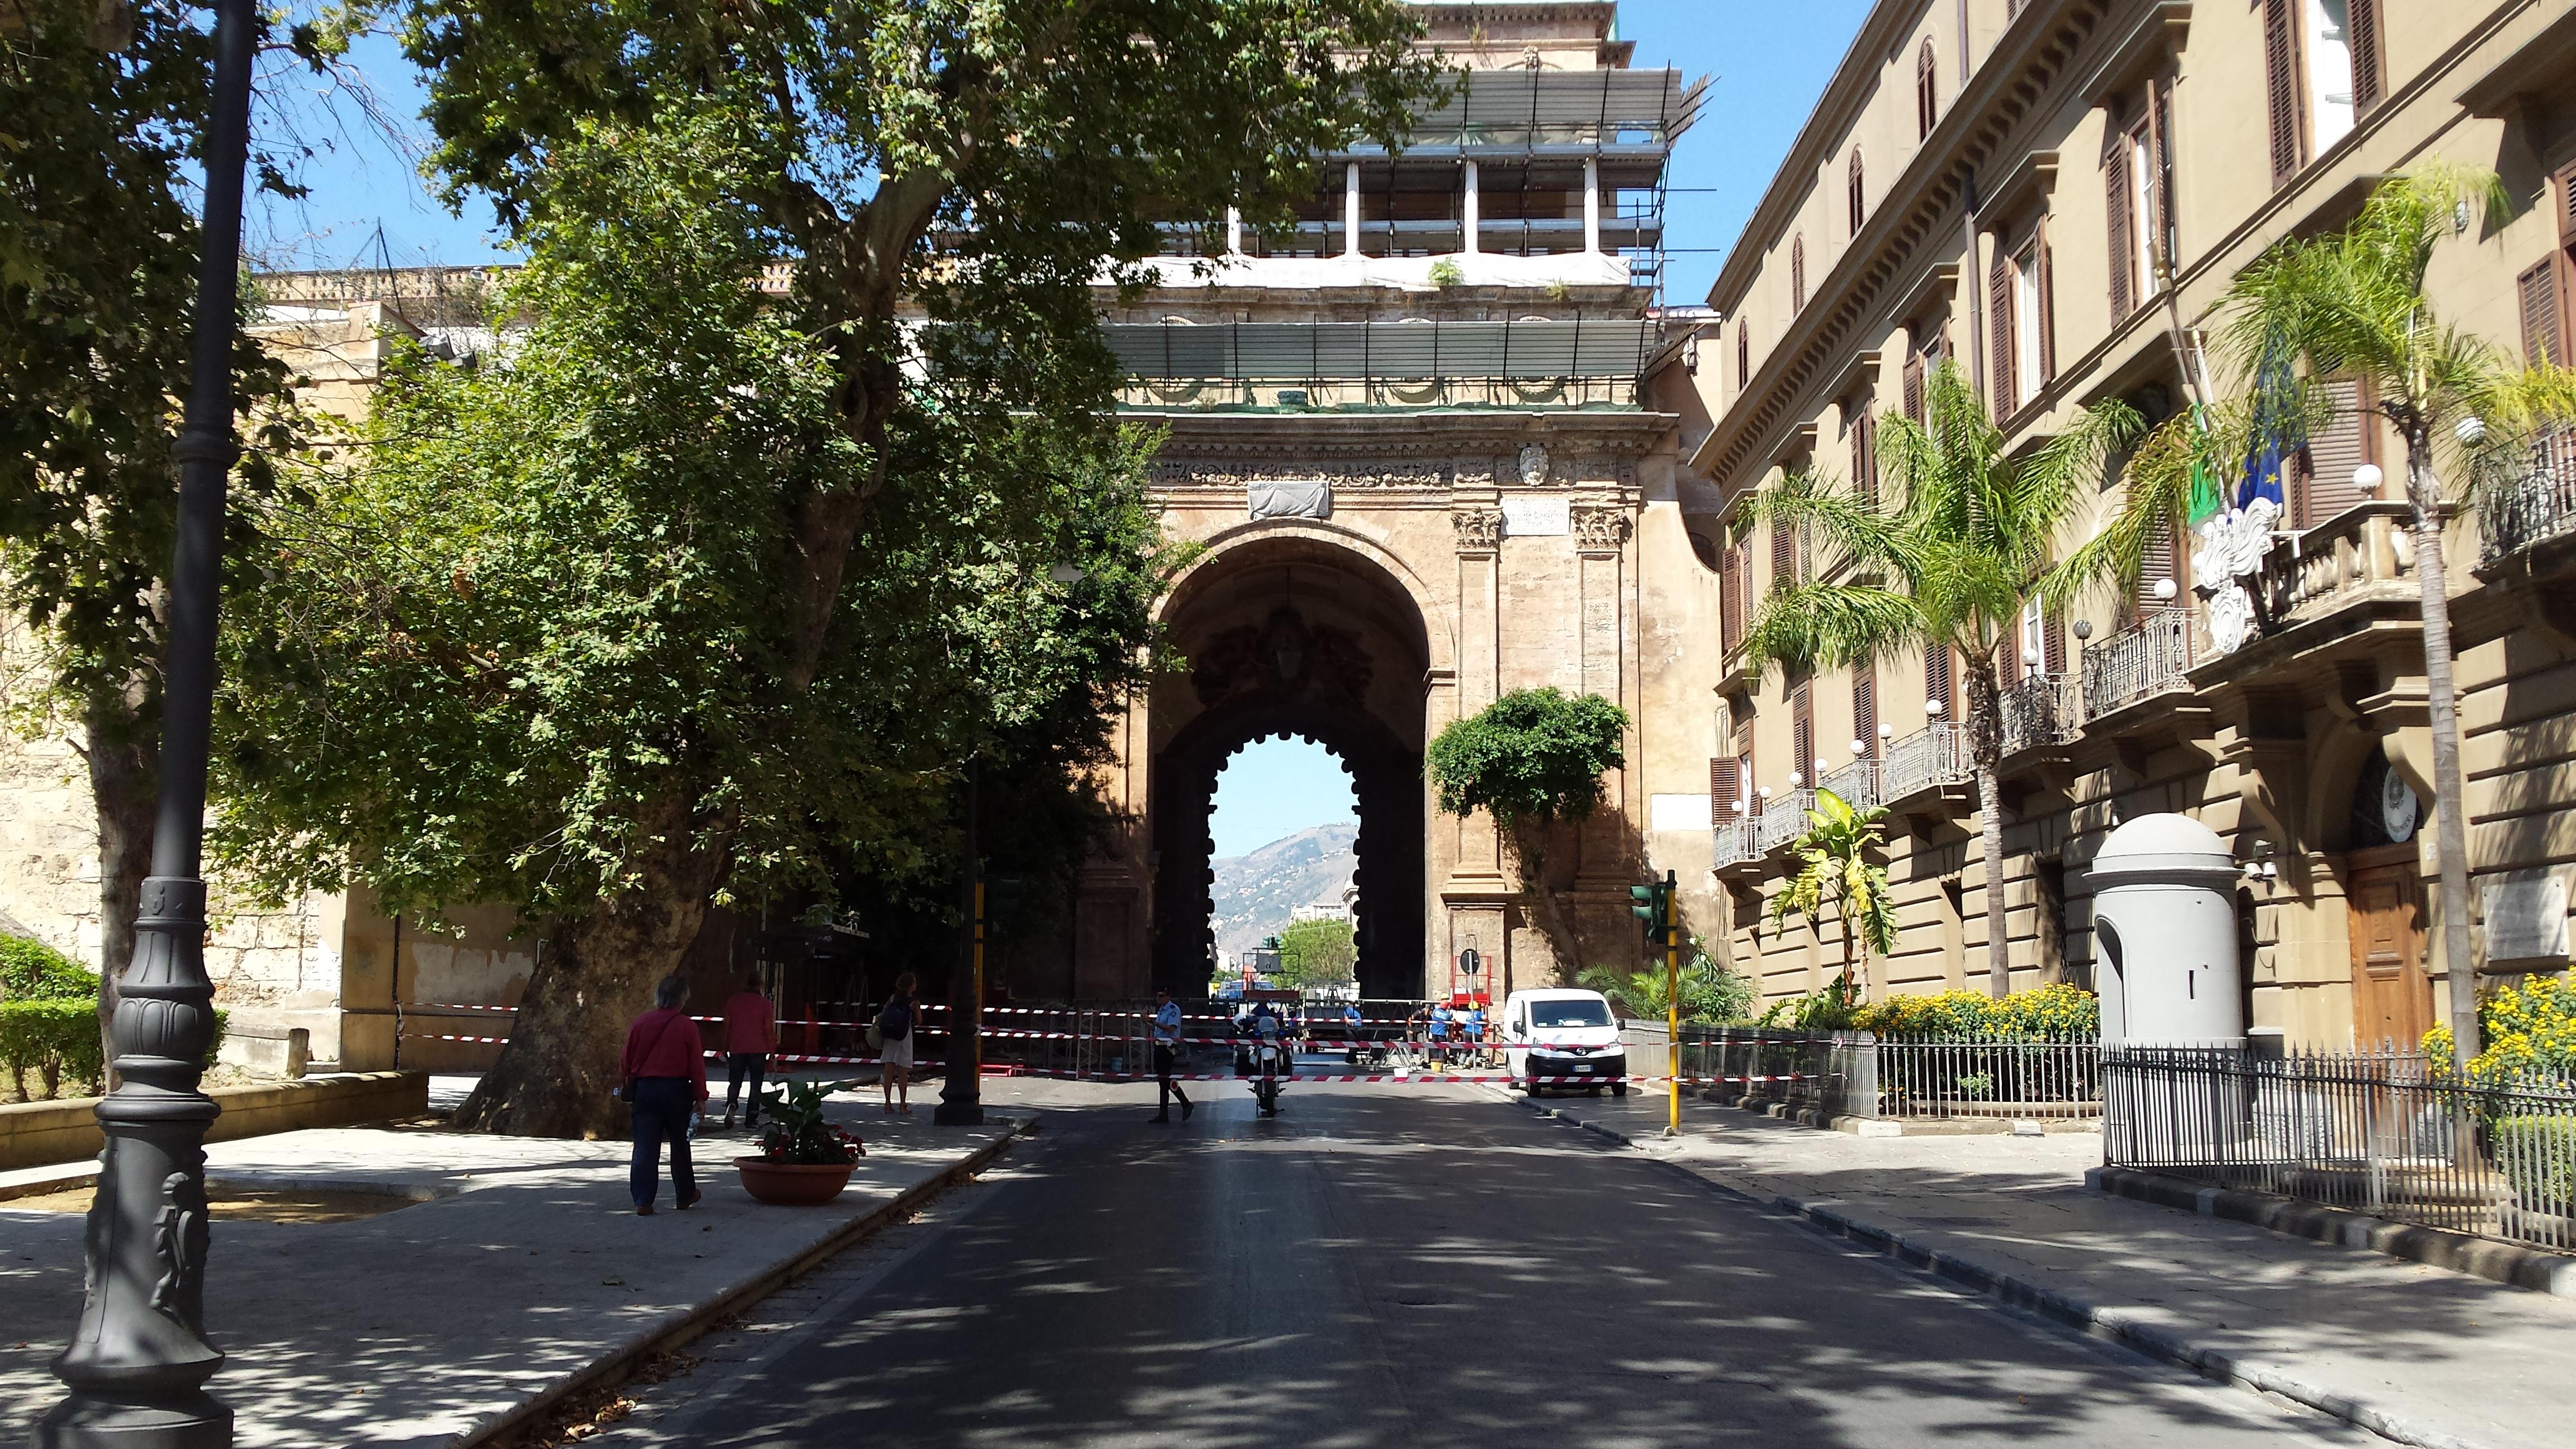 Porta nuova aperta a bus e pedoni dal 20 luglio i servizi navetta live sicilia - Porte a palermo ...